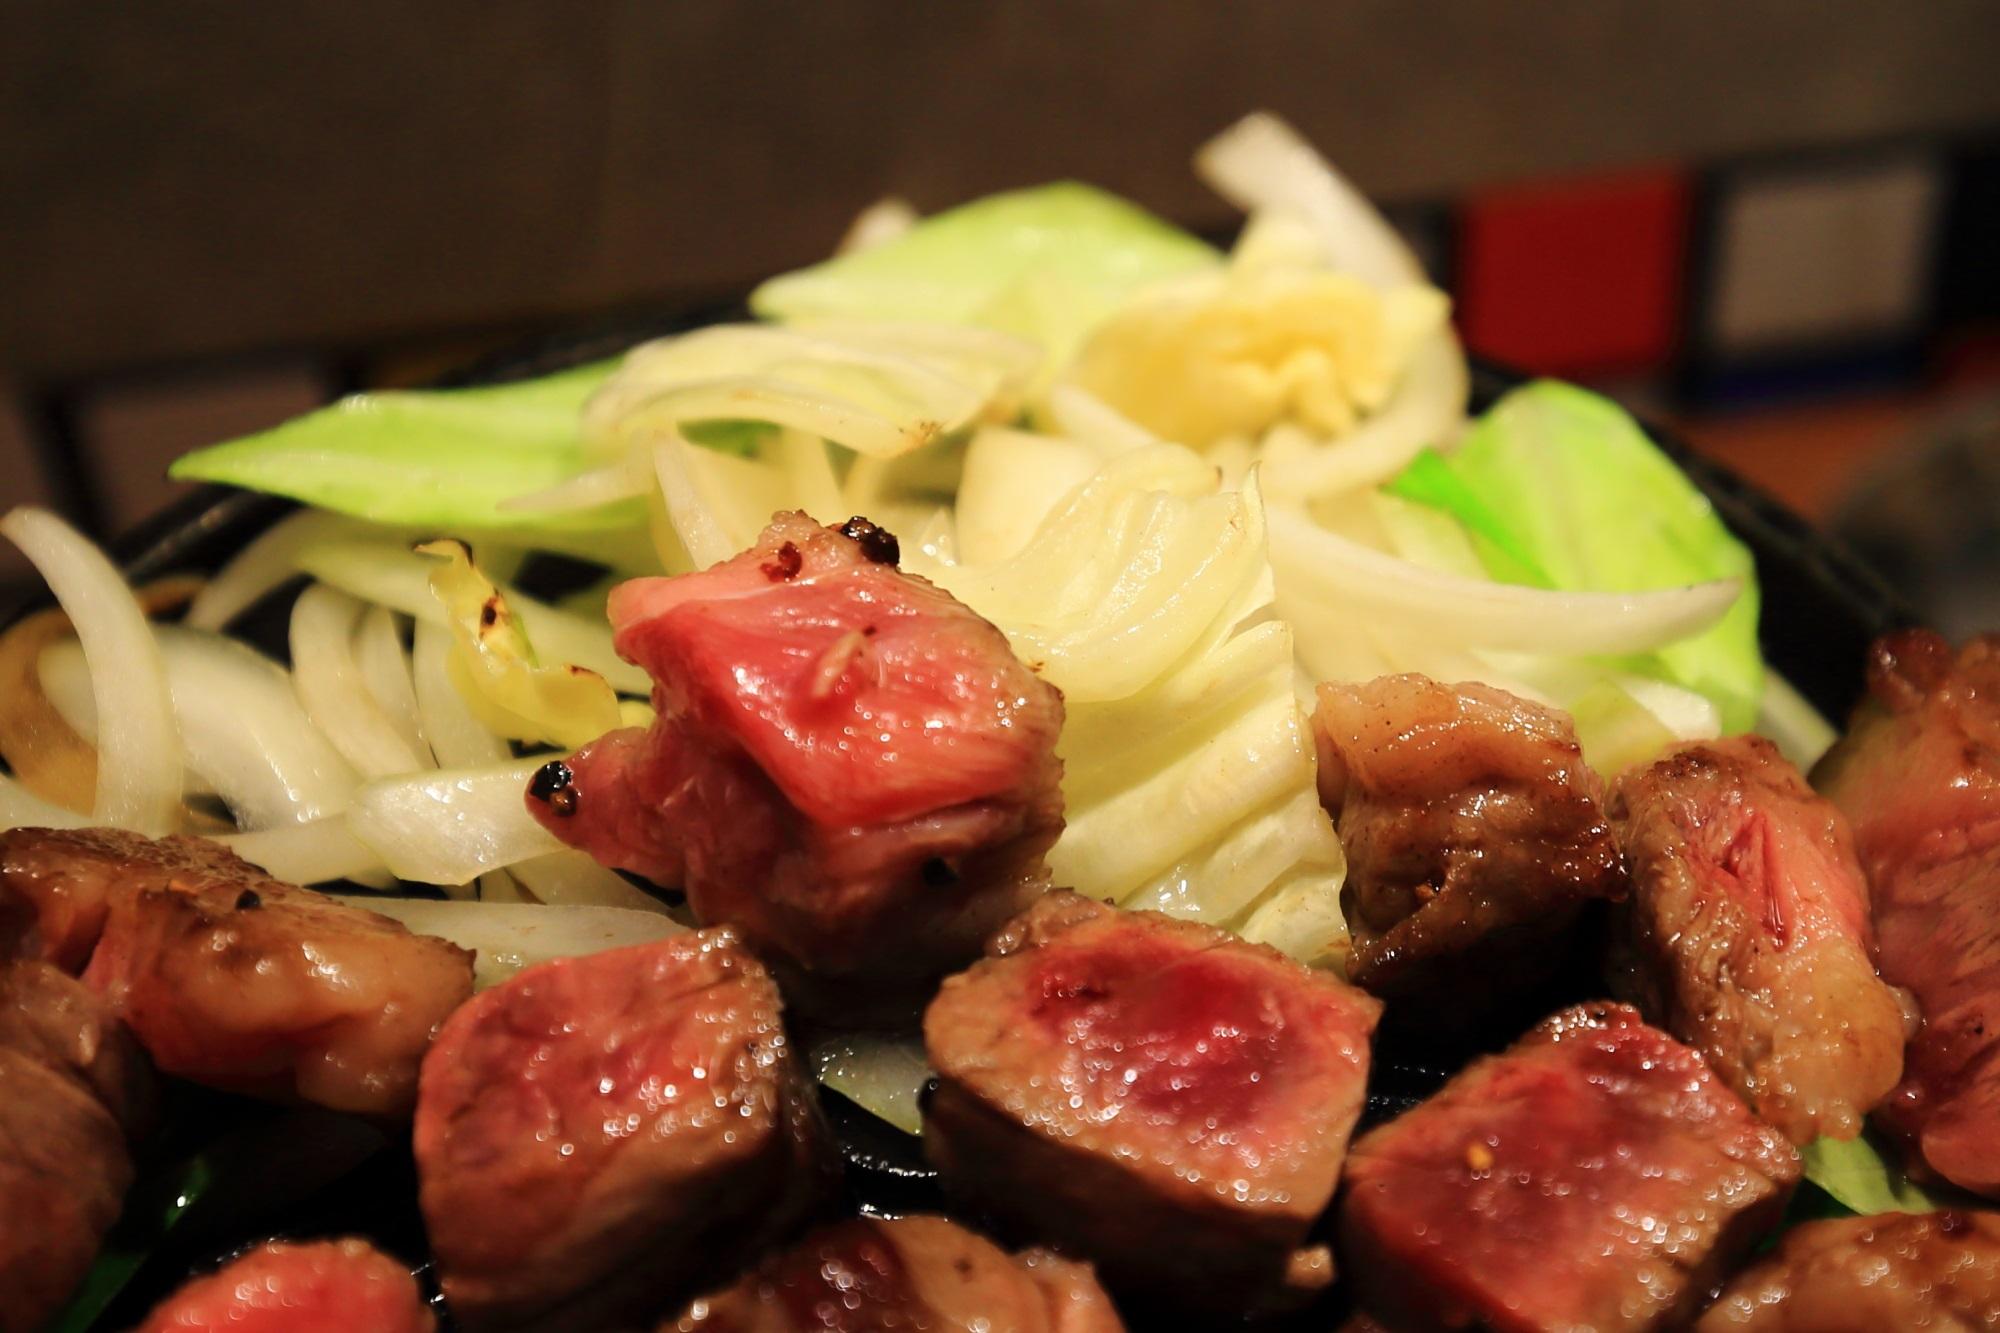 佰食屋 すき焼き専科の国産牛サイコロステーキ定食の野菜(キャベツと玉ねぎ)